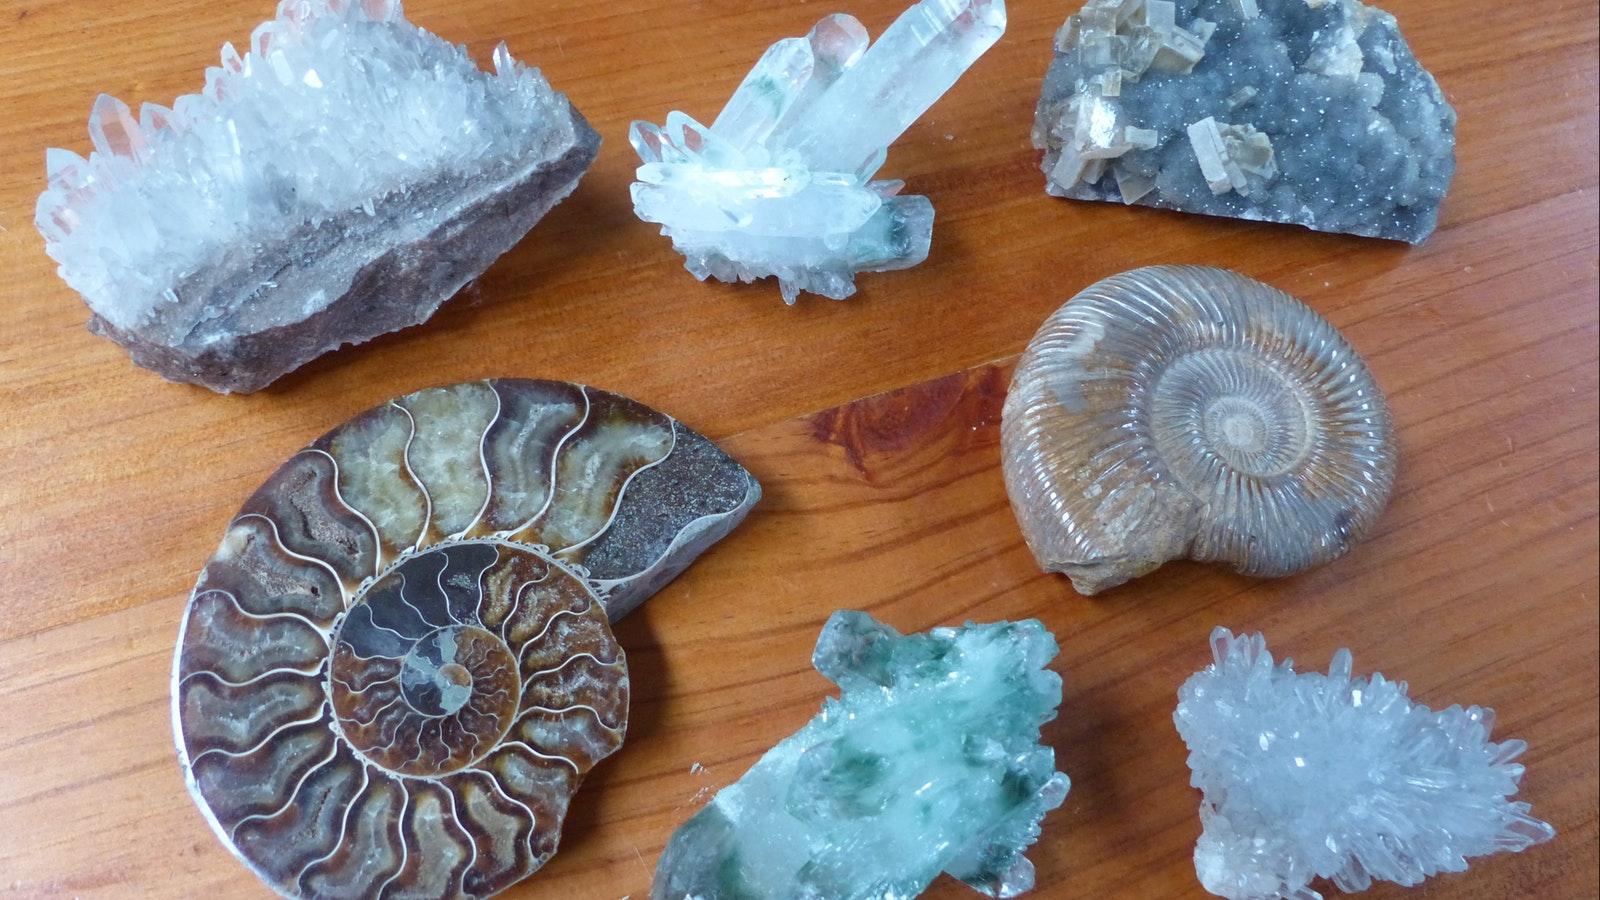 Minerals & Fossils